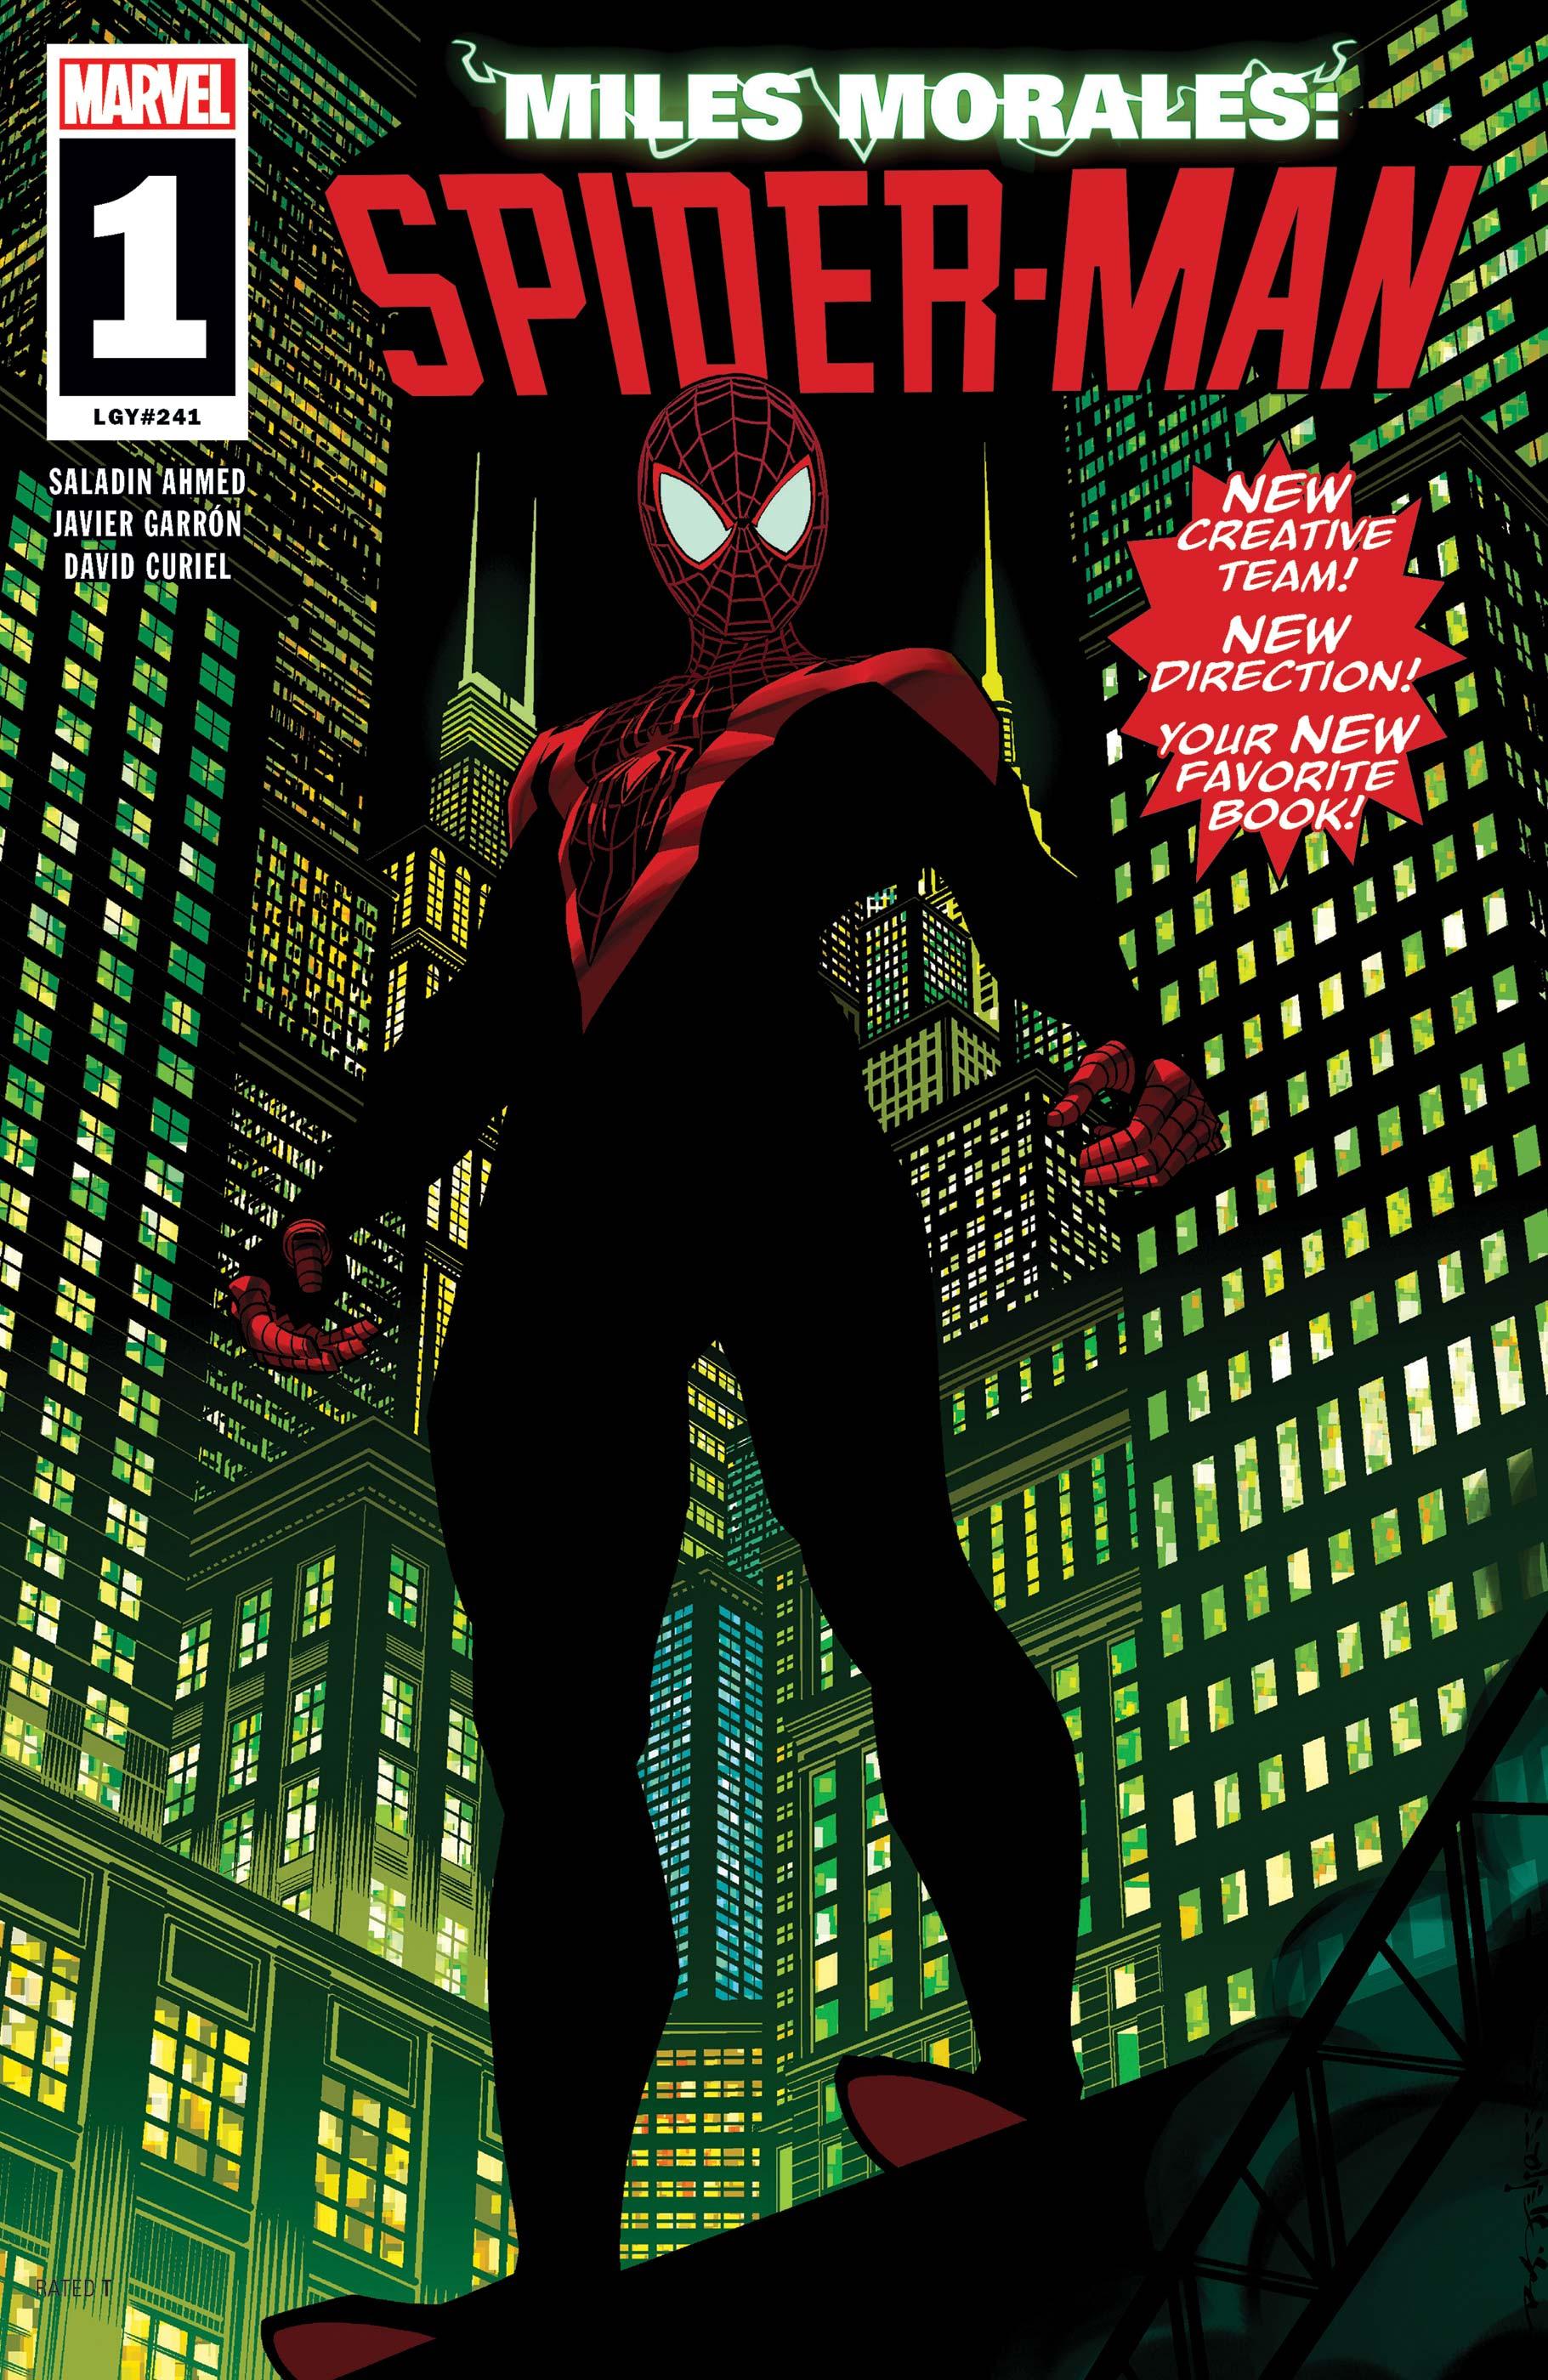 Miles Morales_Spider-Man #1.jpg